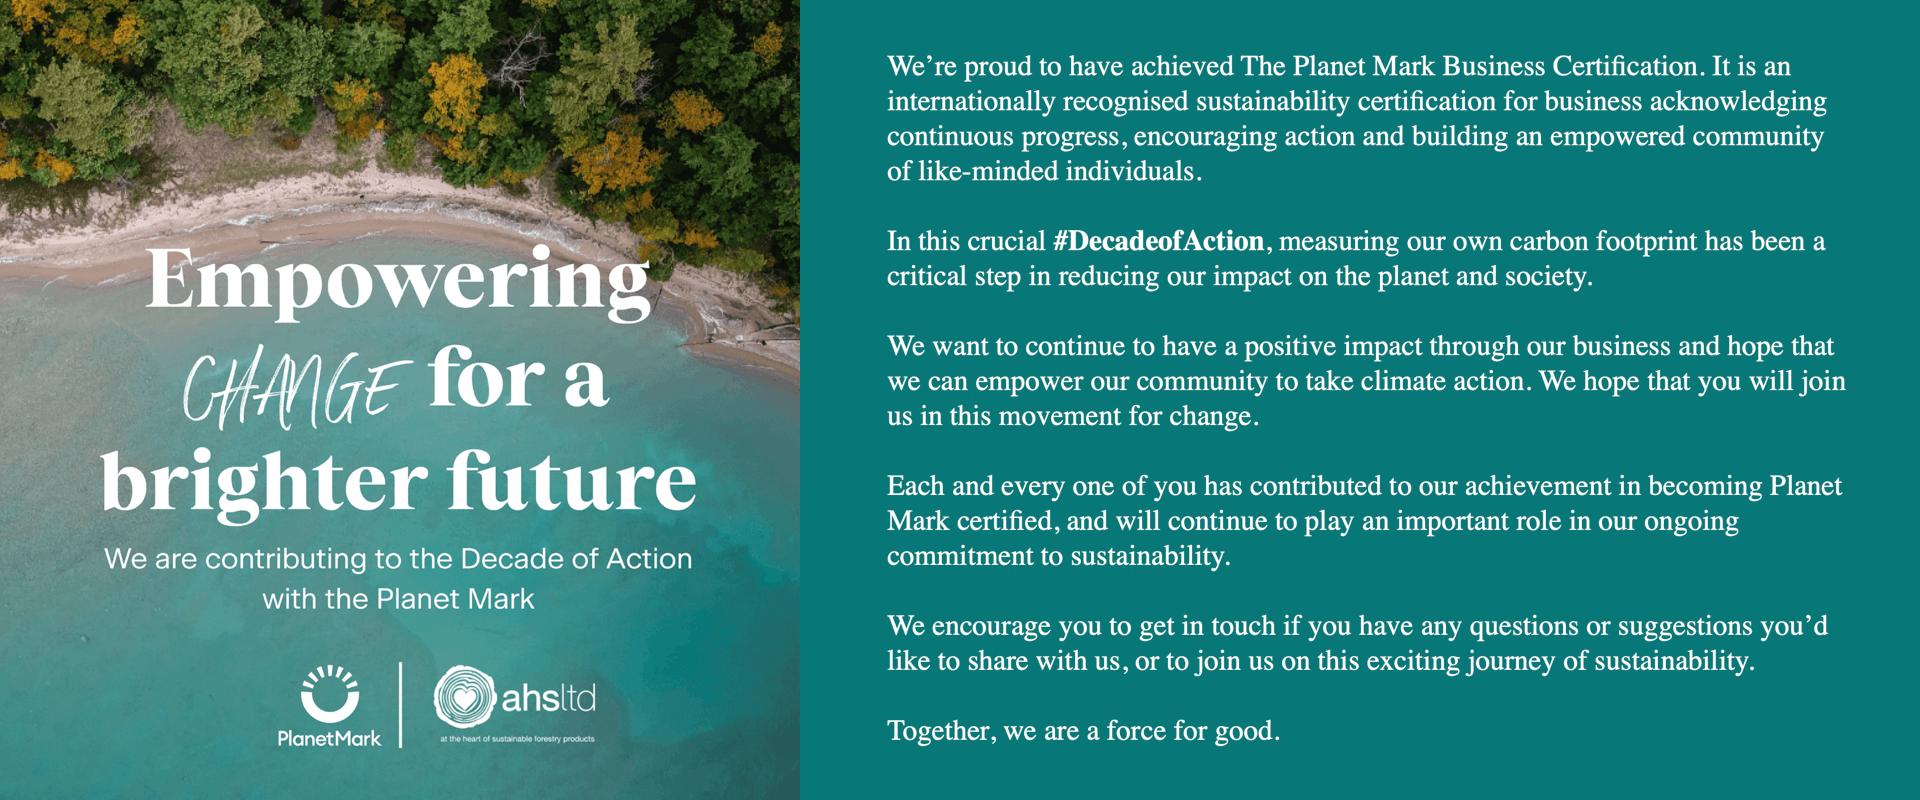 PlanetMark_Empowering Change